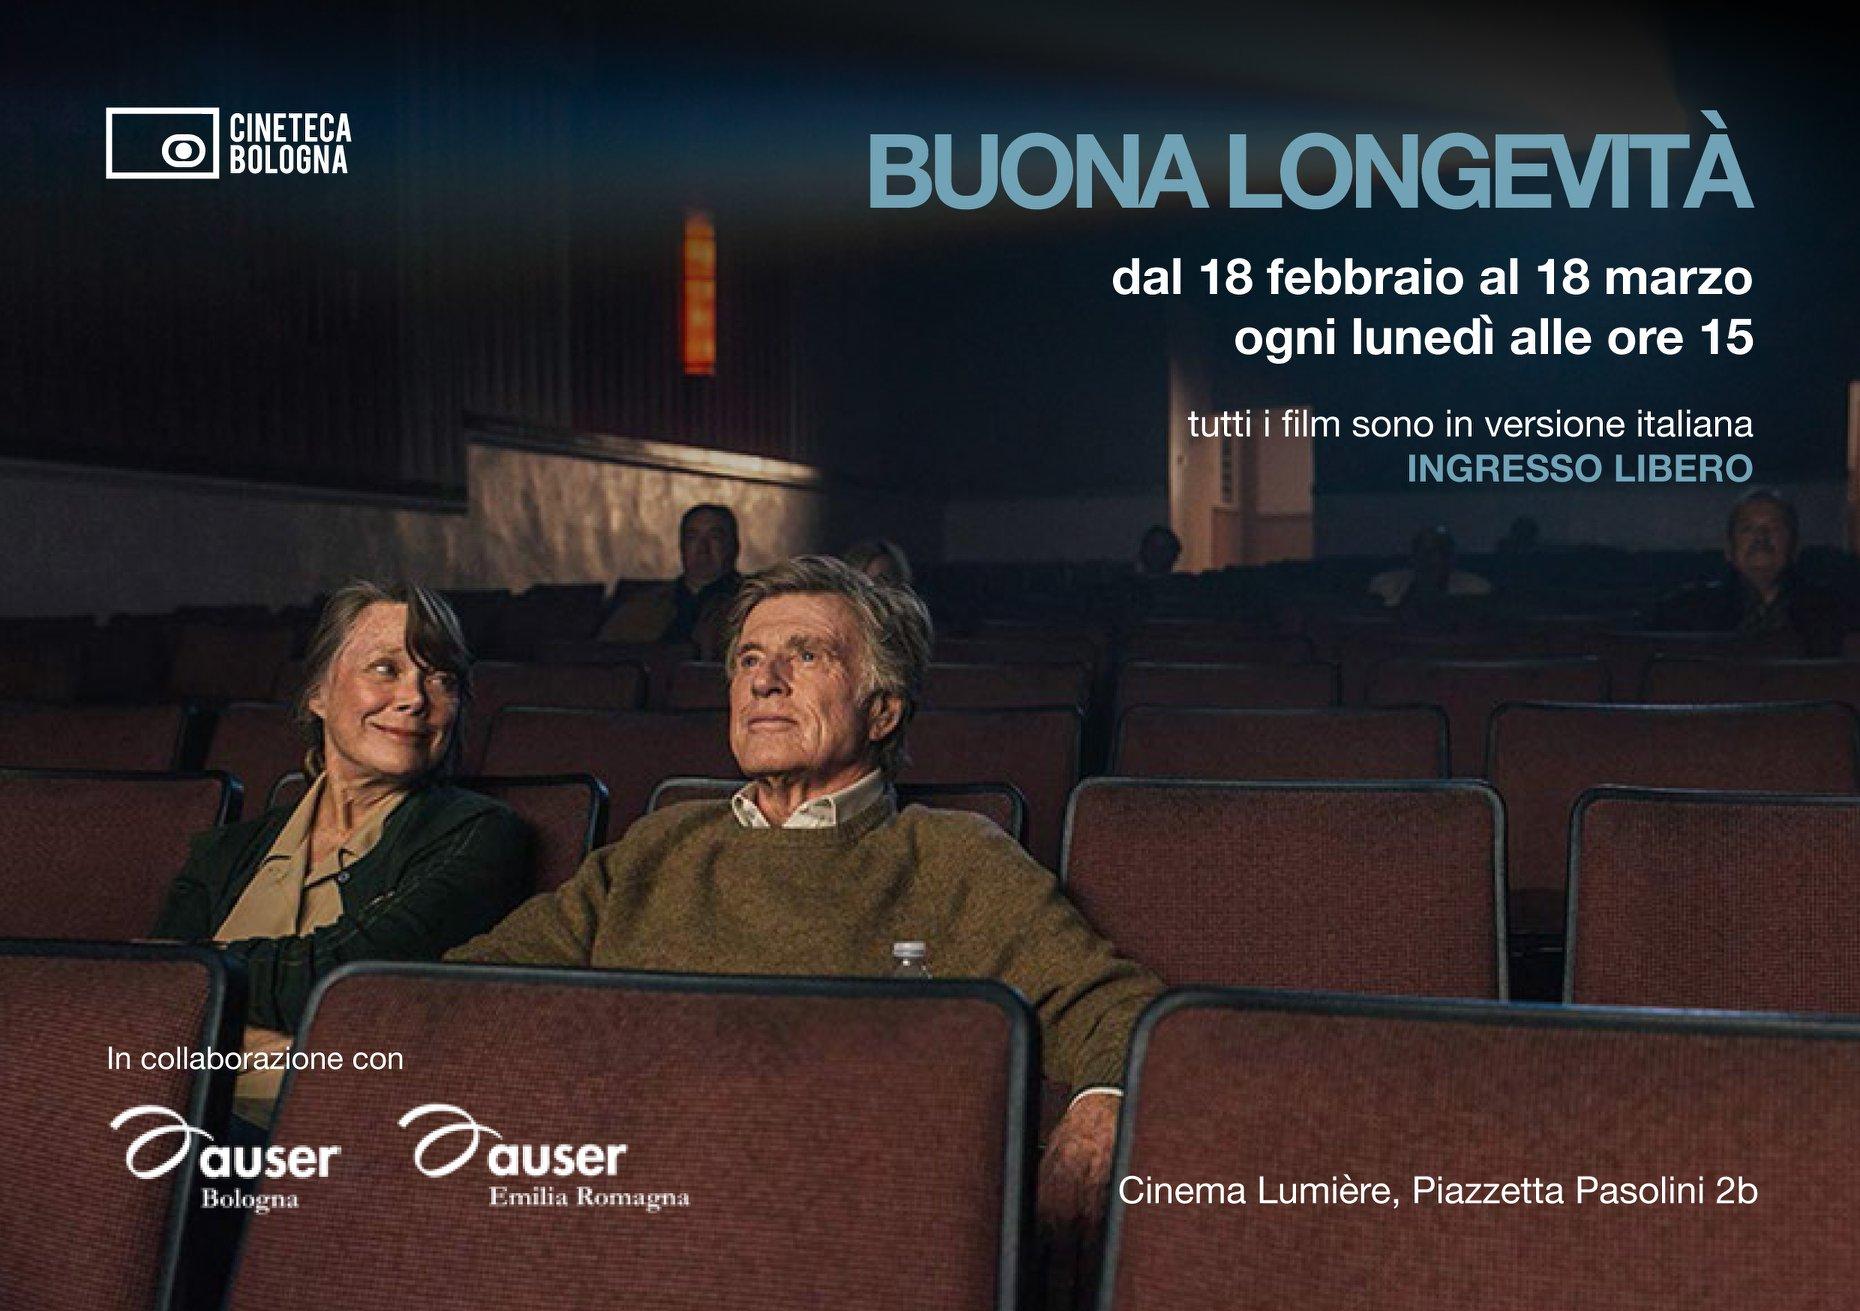 Buona longevità: la rassegna cinematografica di Auser Bologna e Auser Emilia Romagna per una vecchiaia fuori dagli schemi